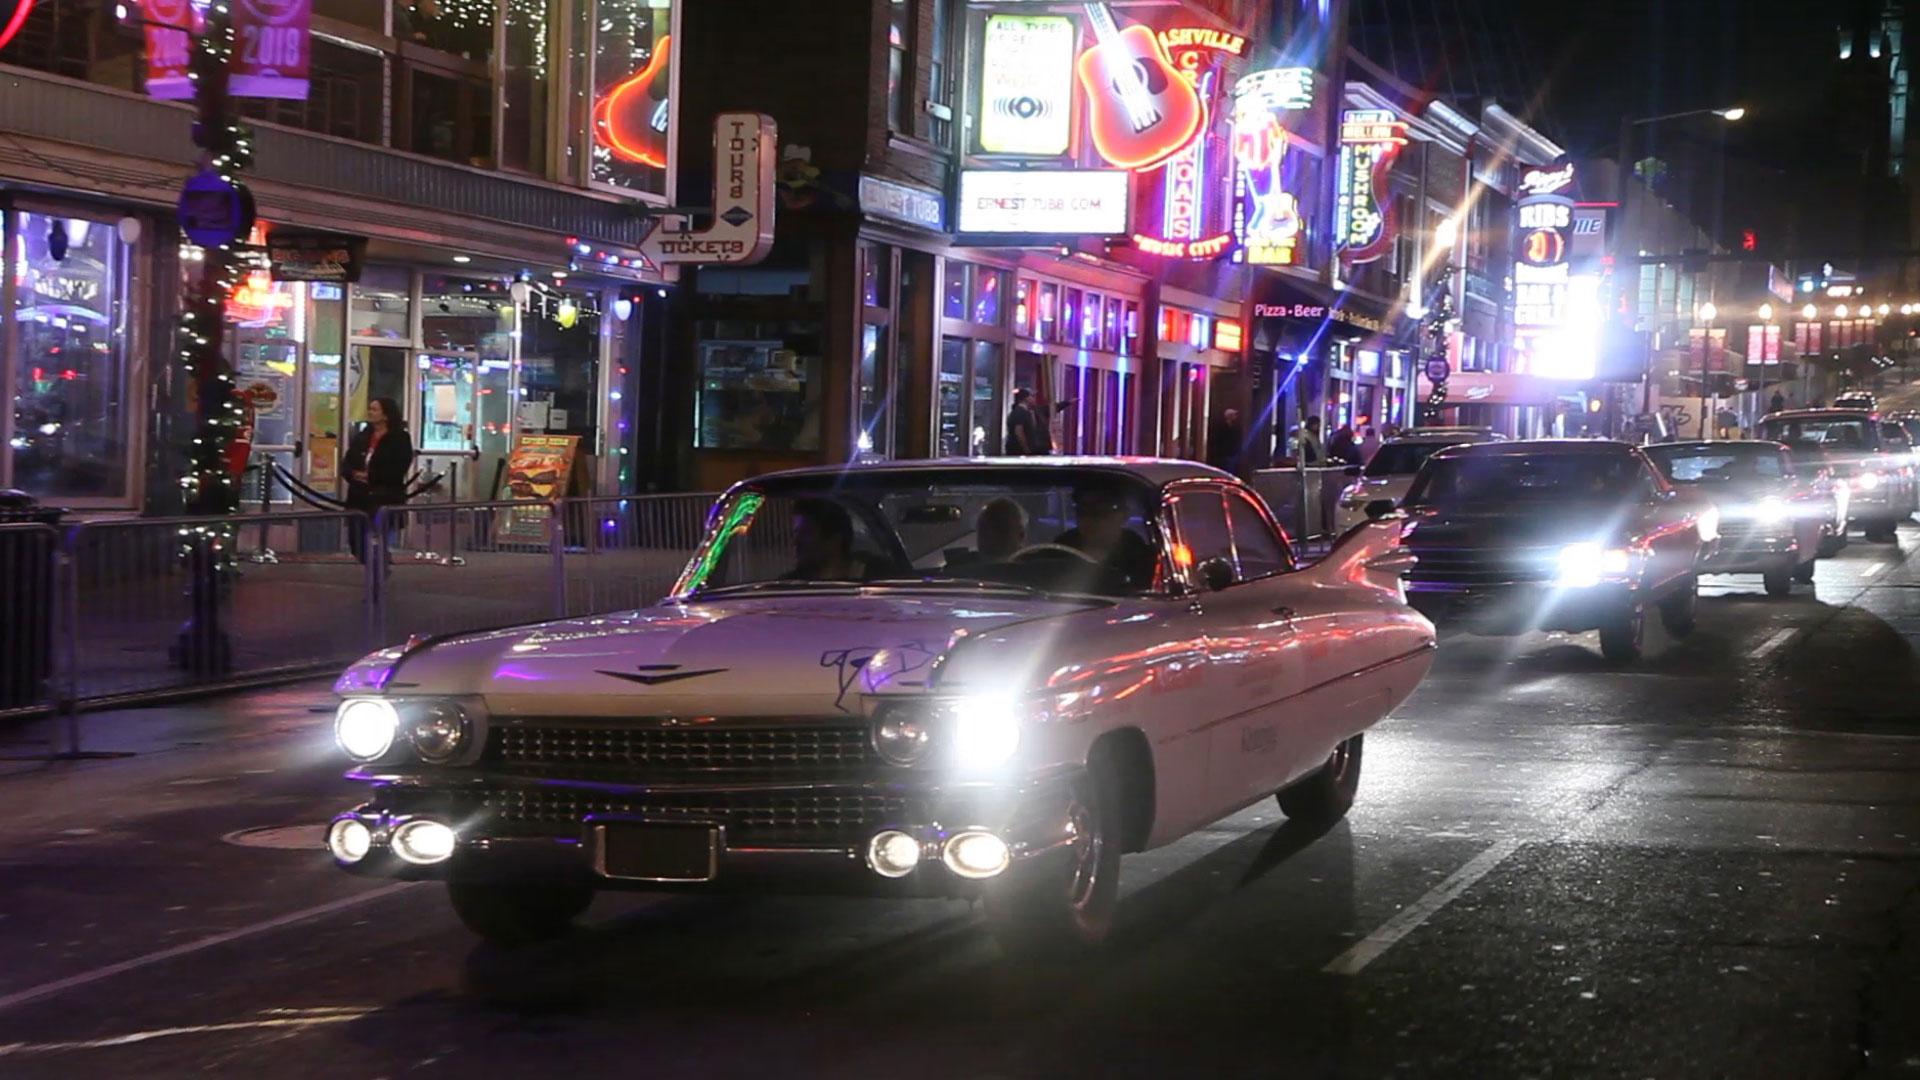 1959 Cadillac Coupe de Ville cruising Nashville's Music Row